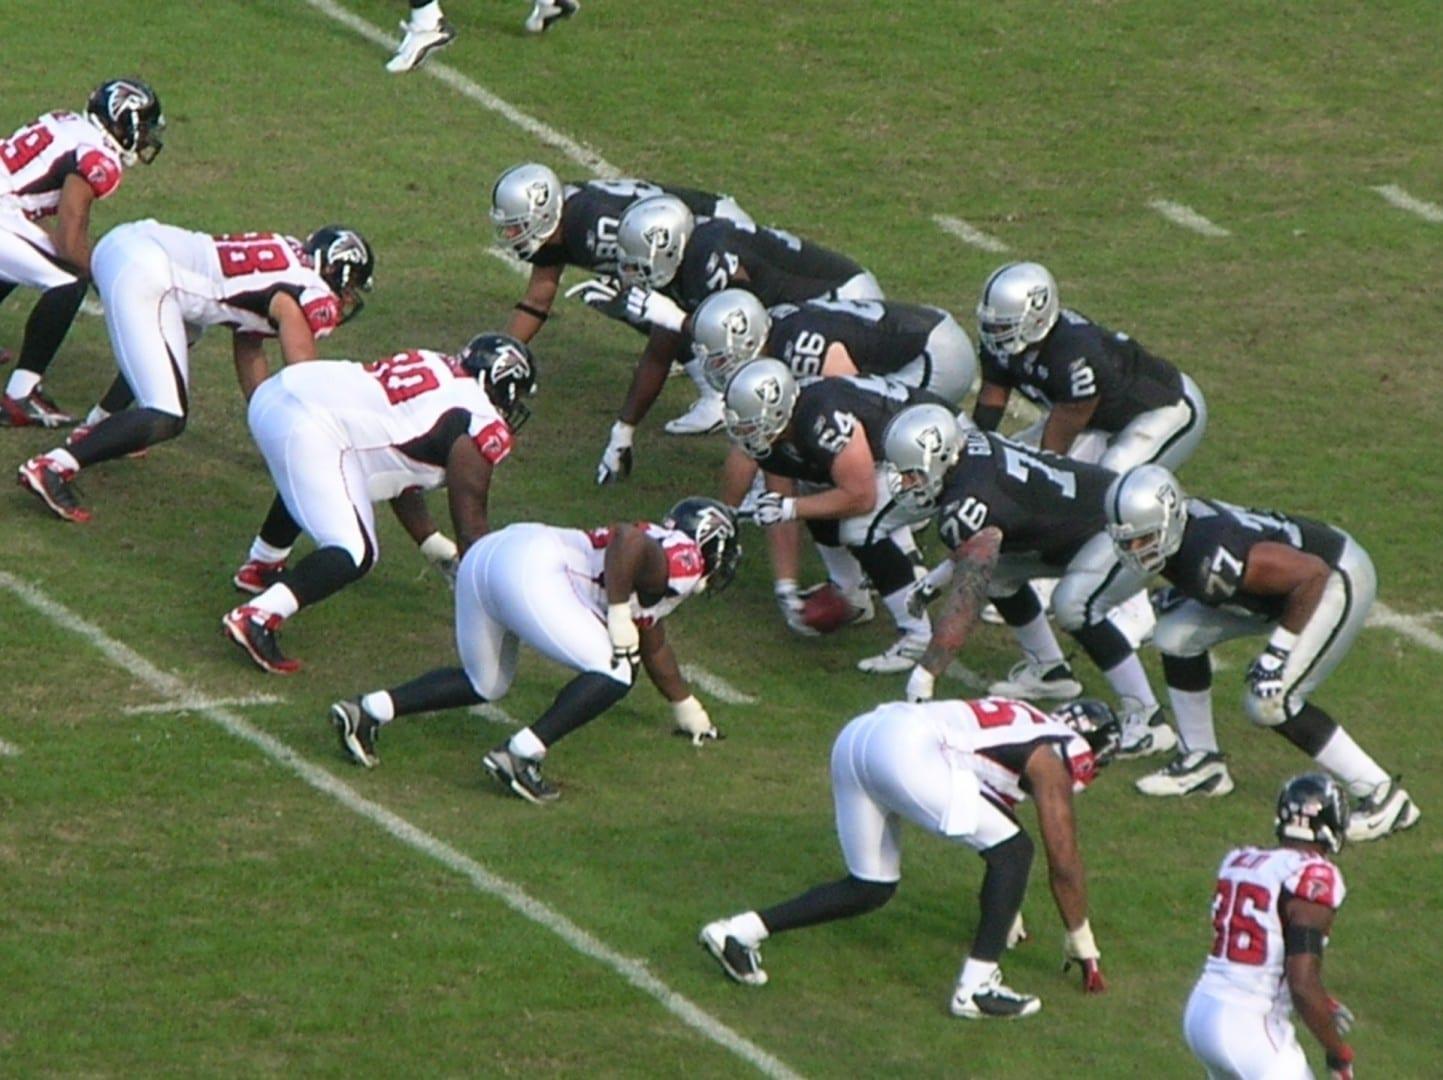 Los Raiders on O contra los Falcons. Oakland CA Estados Unidos